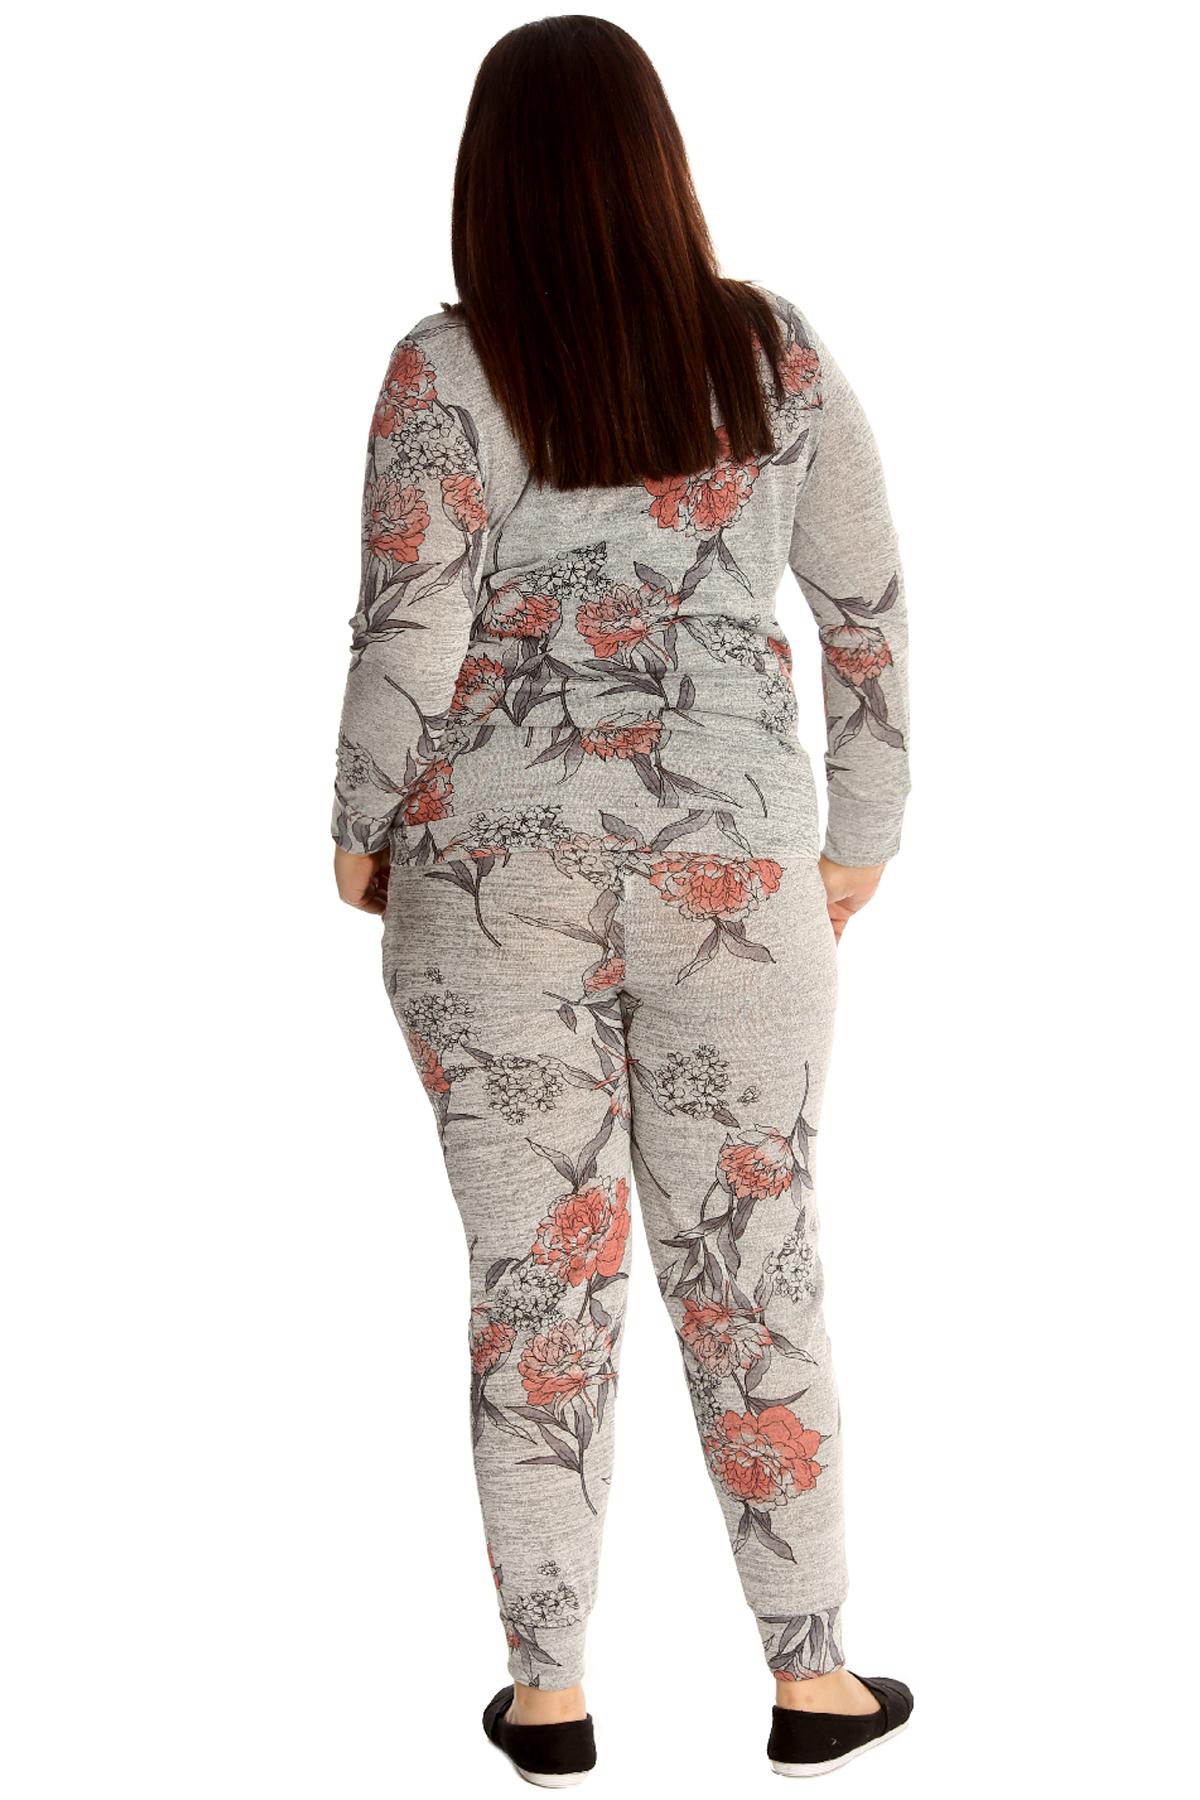 Neu Frauen Übergröße Trainingsanzug Damen Blumen Druck Knöpfe Sweat Shirt Warm